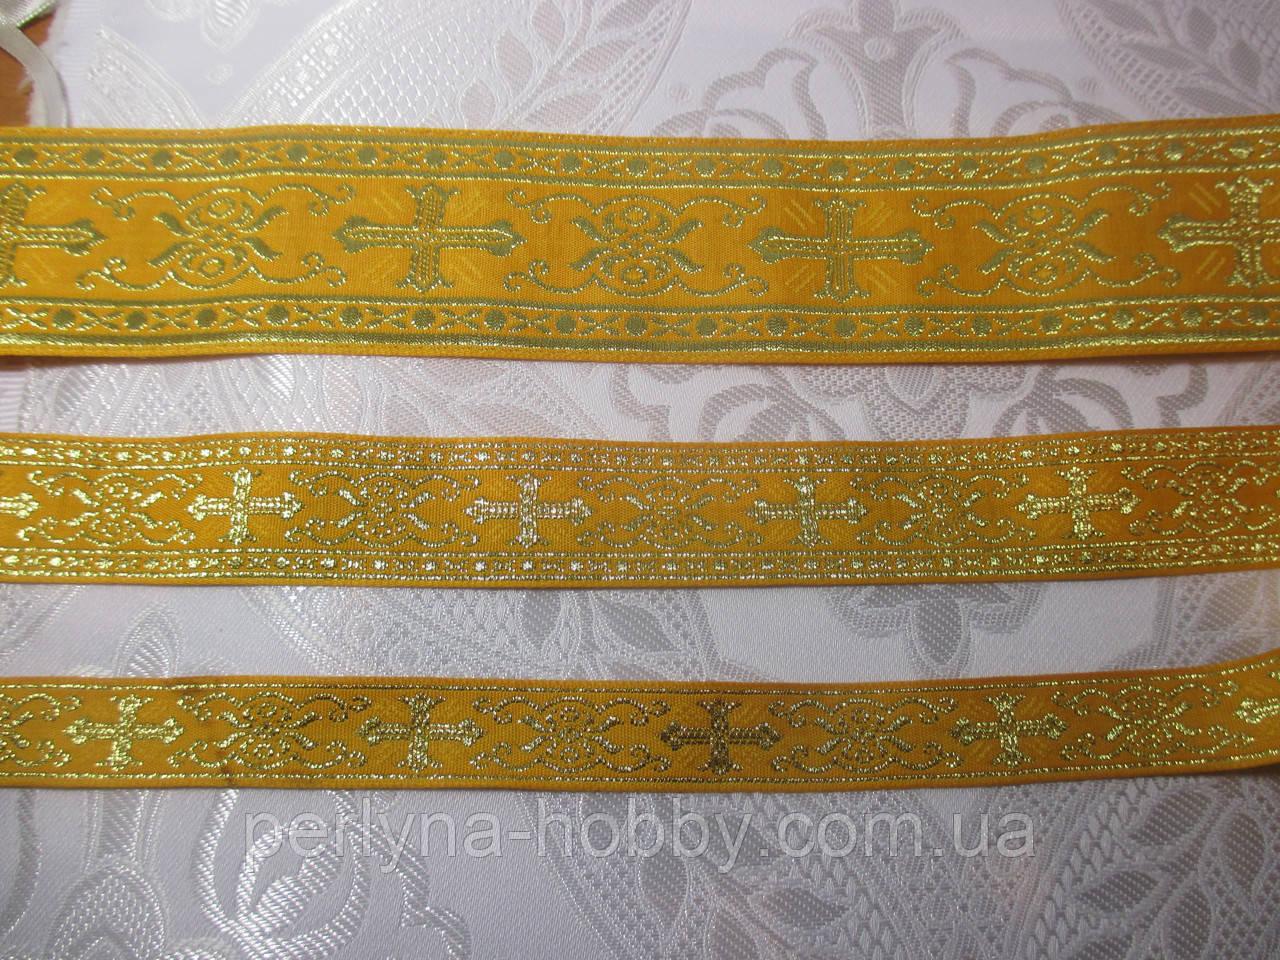 Тесьма церковная галун церковный, Тасьма галун церковна жовта з  люрексом золото 4,5 см